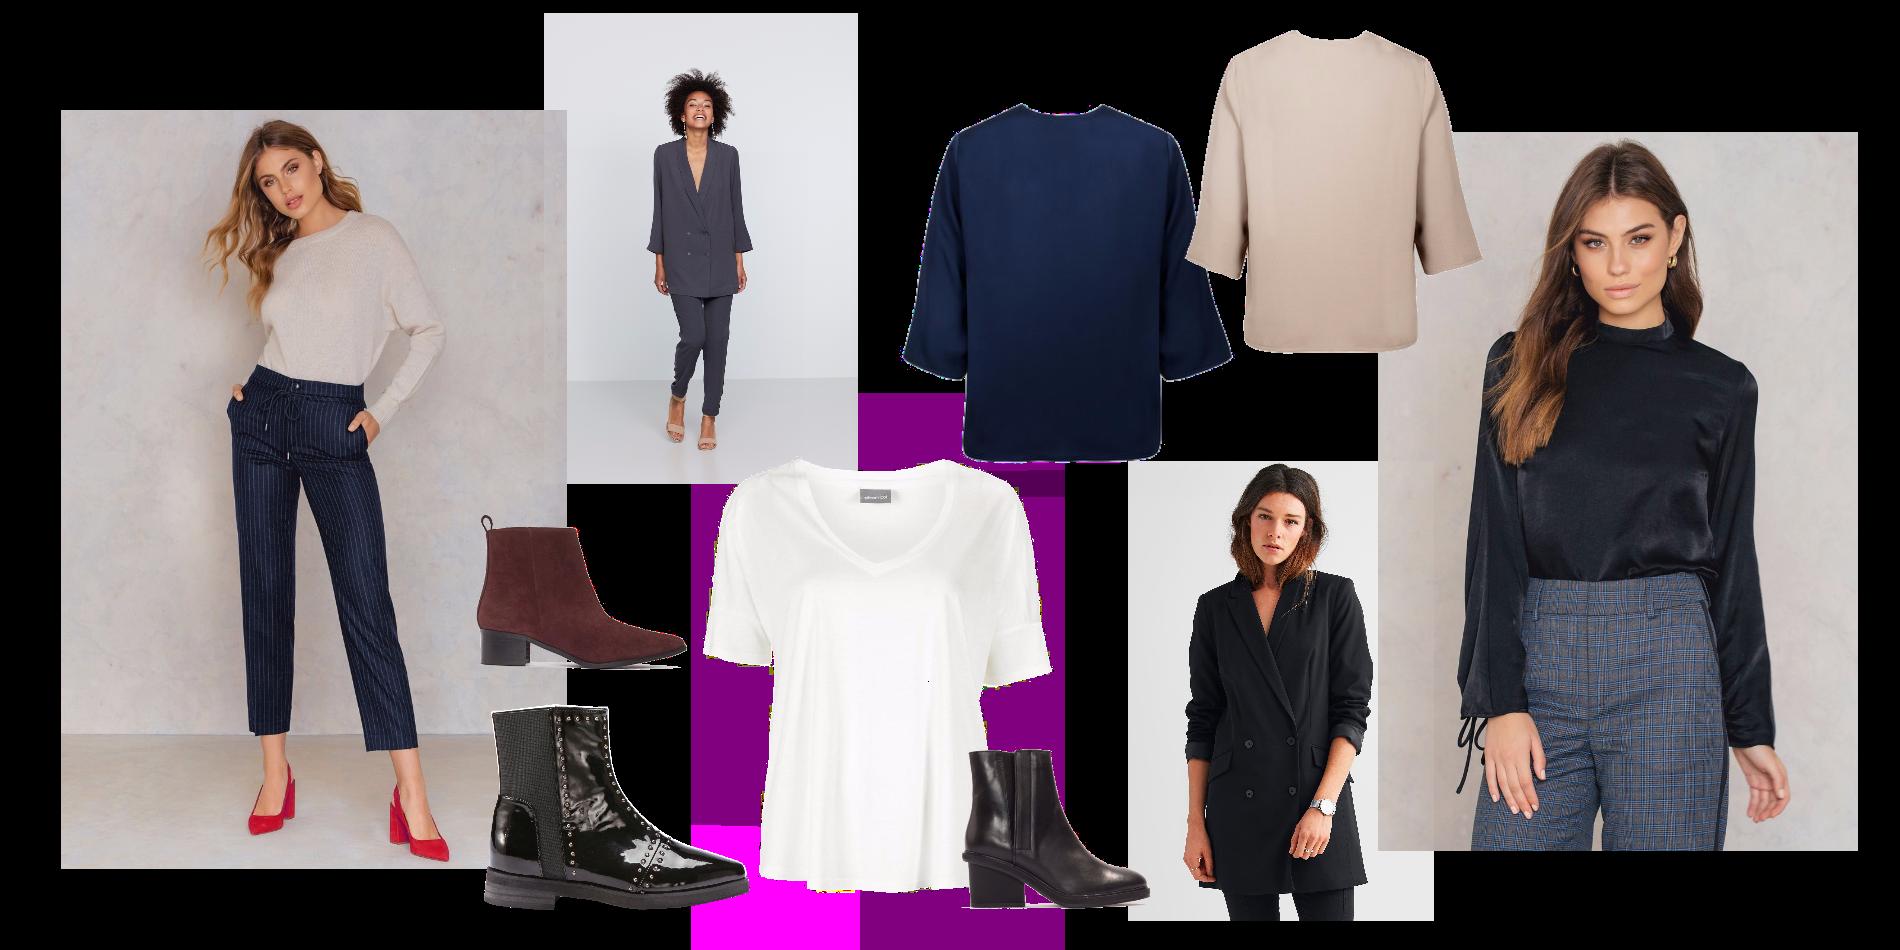 Här är en liten moodboard inför en intervju- tillbaka till den basic  färgskalan och minimalistiska snygga kläder. För mig känns den här stilen  väldigt ... cfbbf23b212c5